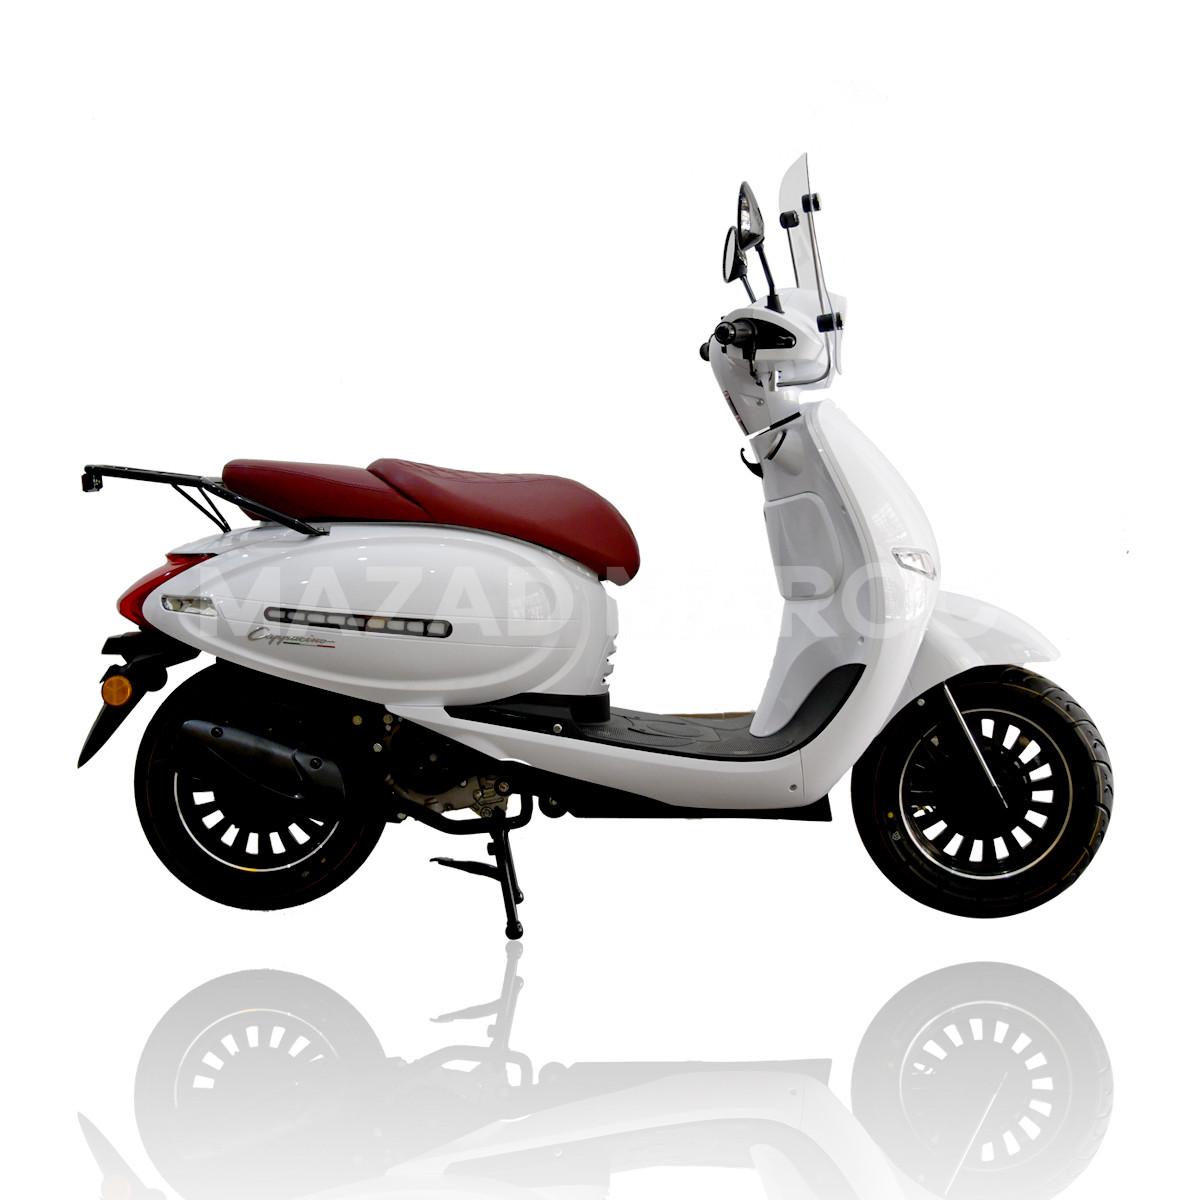 Moto Cappuccino 50